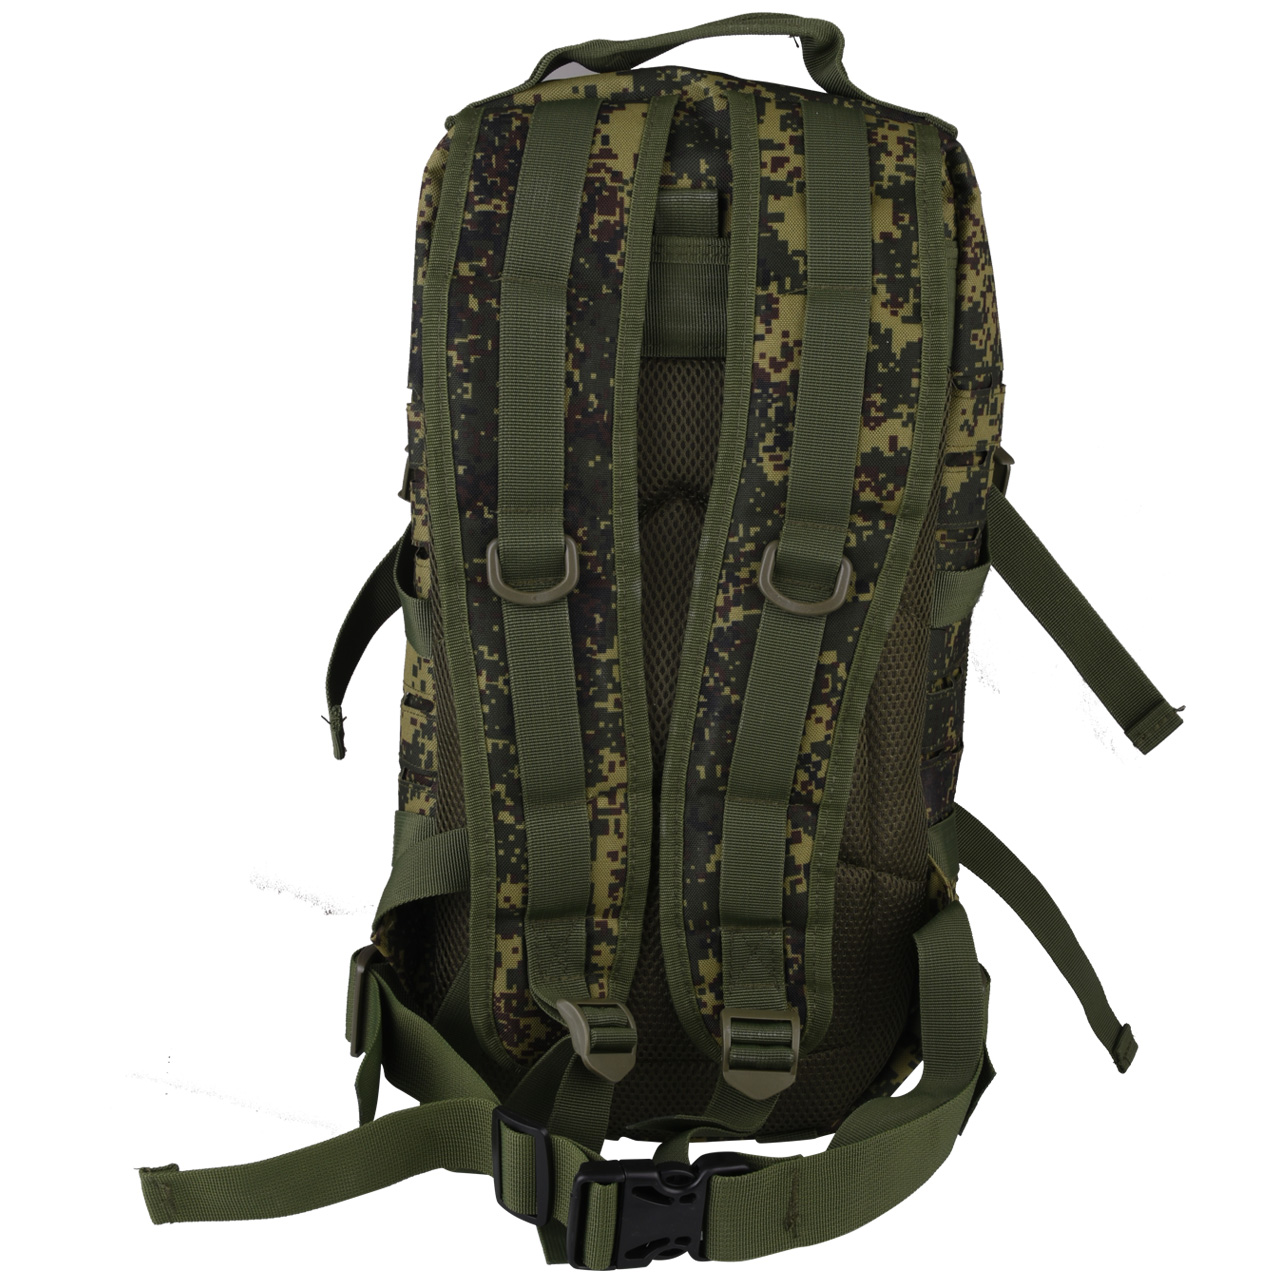 Модульный камуфляжный рюкзак с нашивкой Погранслужба - купить с доставкой